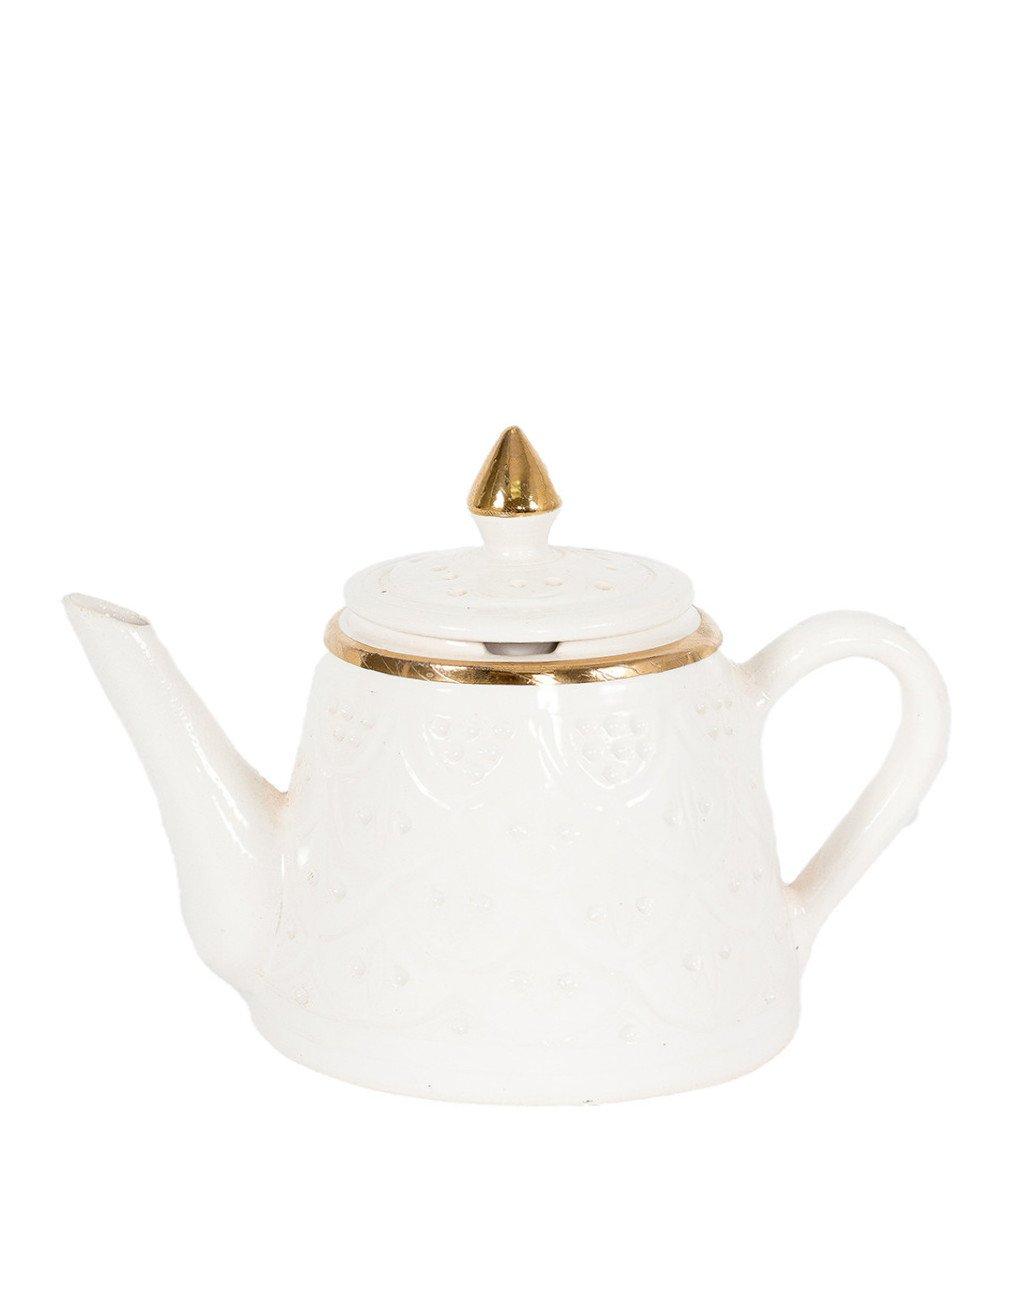 The-little-market-Ceramic-Teapot.jpg